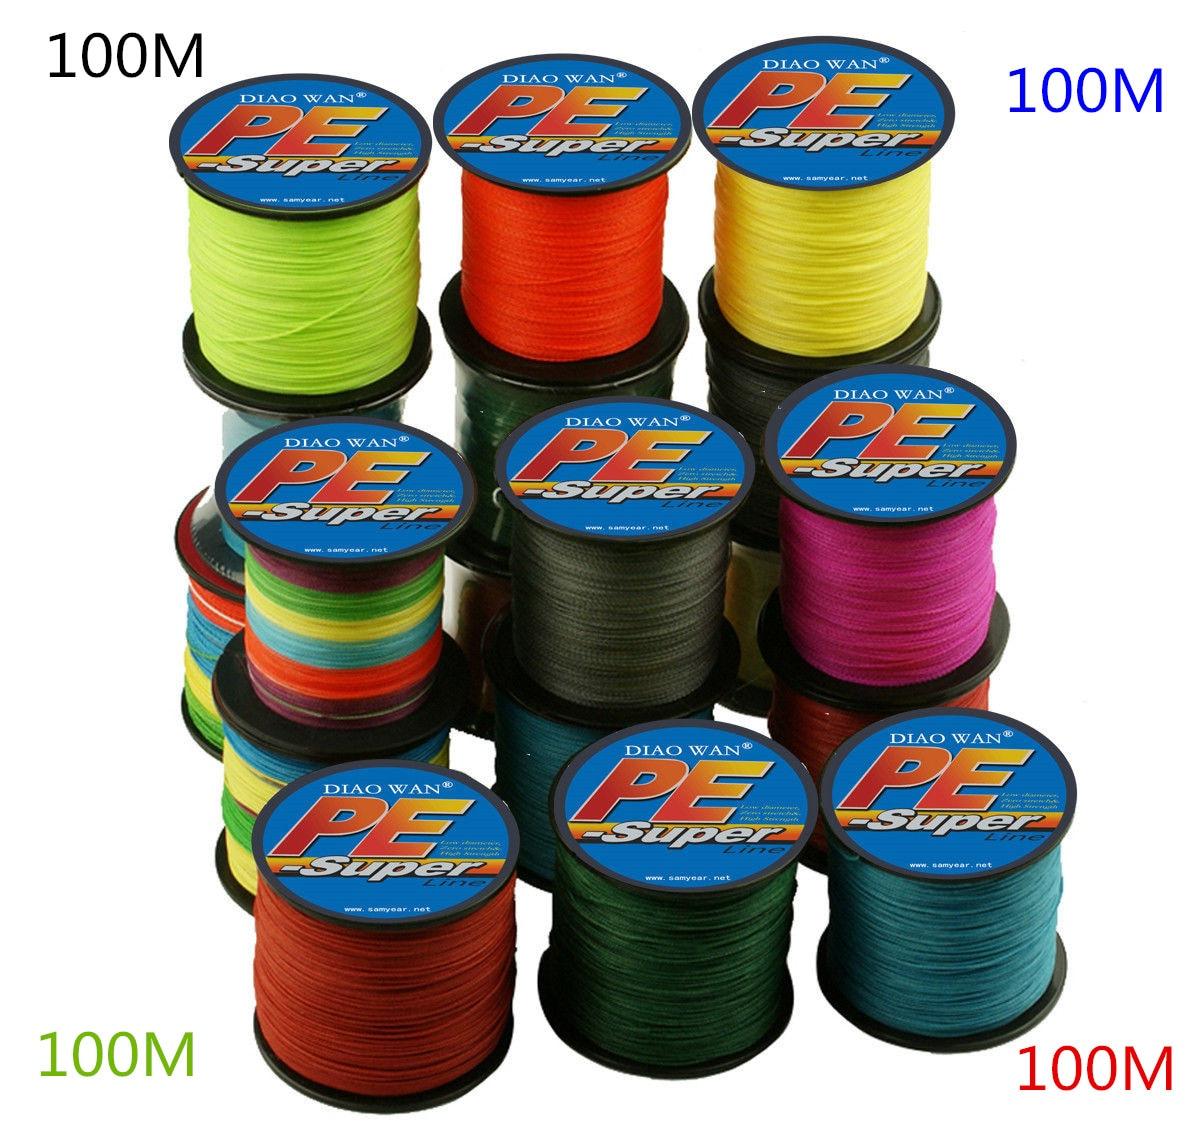 DIAOWAN 9 цветов 100 м PE плетеная леска 8 прядей 130 150 180 200 250 300 фунтов мультифиламентная 8 плетений леска